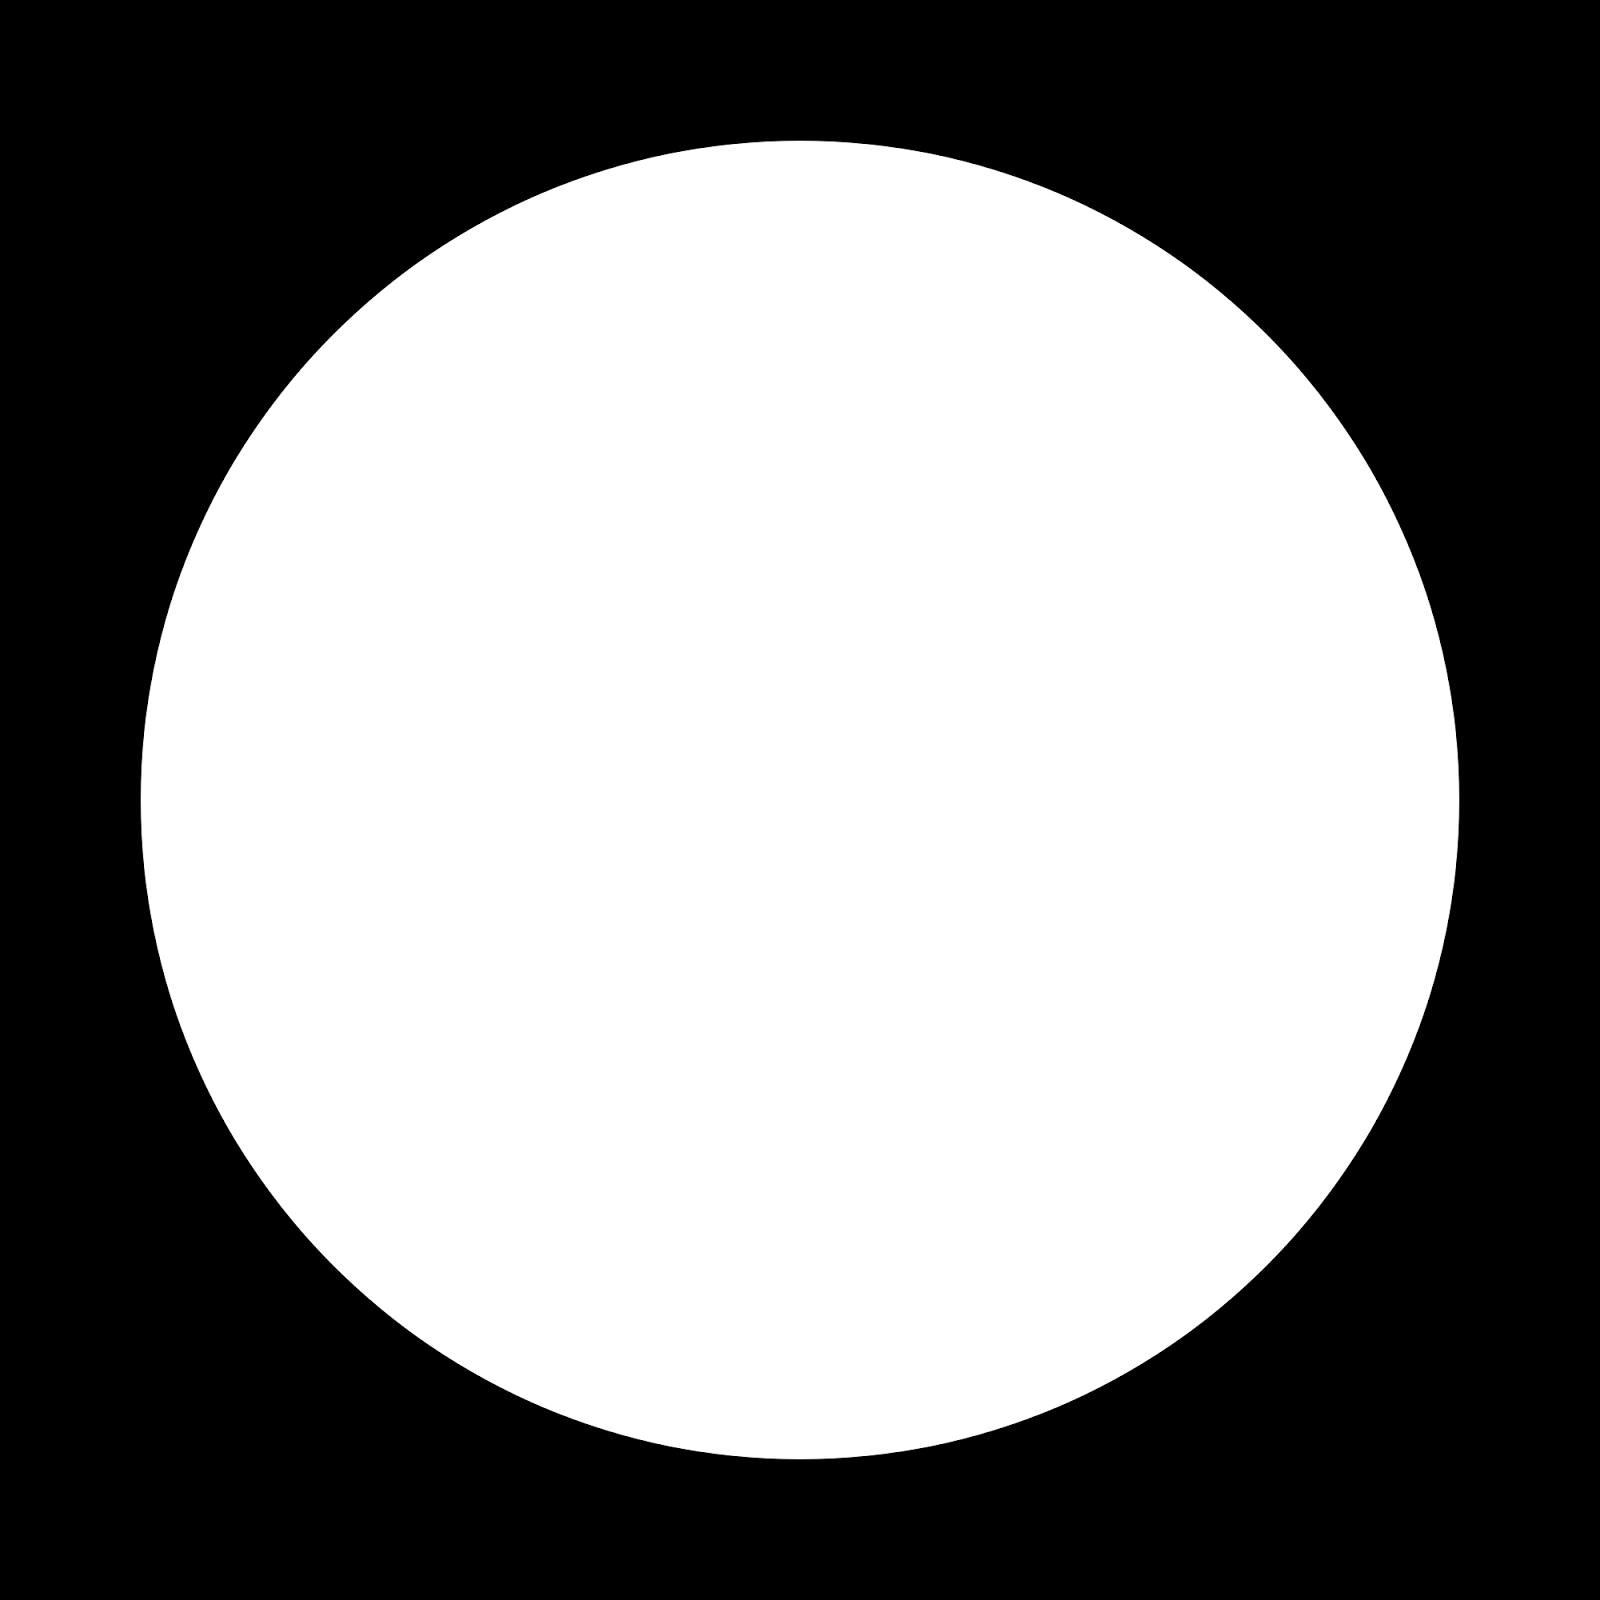 cirkel cirkel logo s